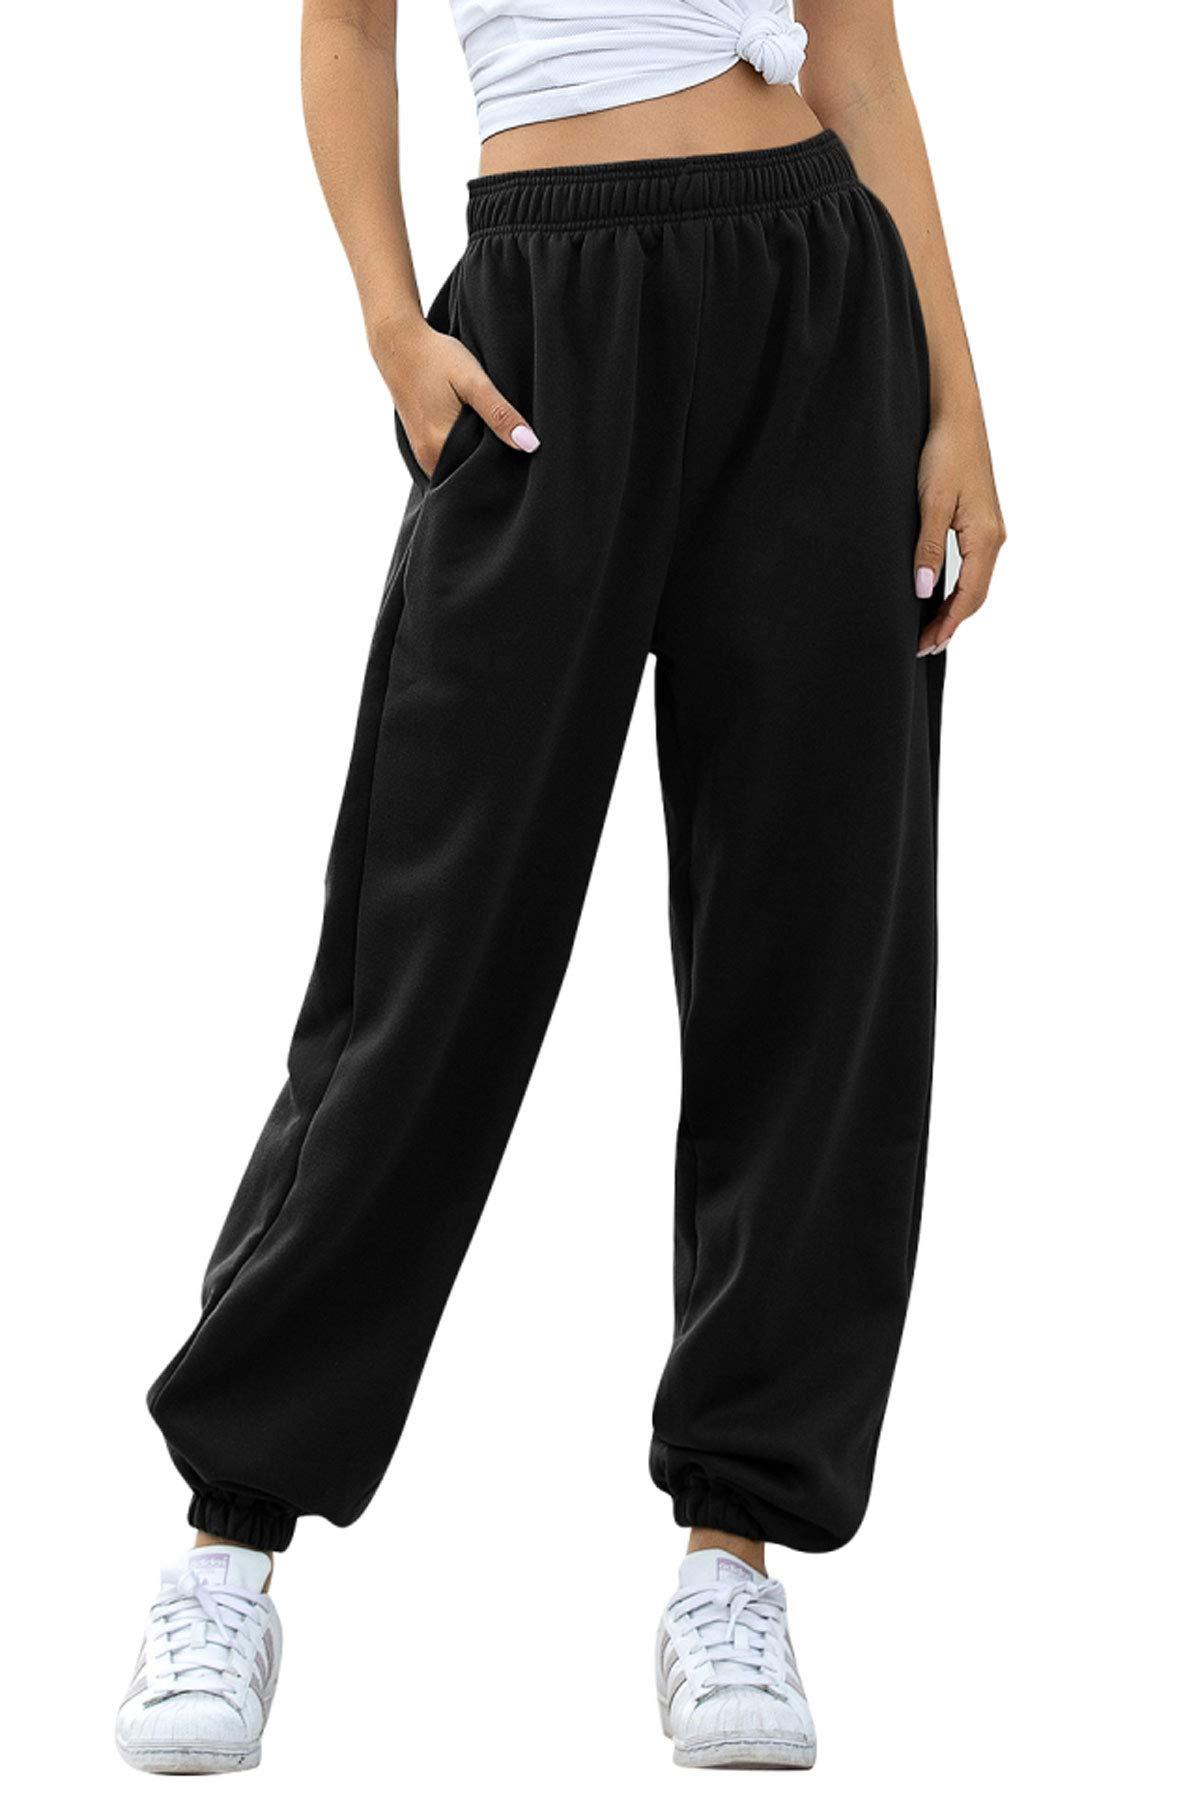 Amormio Women's Active Elastic Waist Cotton-Blend Baggy Workout Sweatpants Joggers Lounge Pants Sportswear